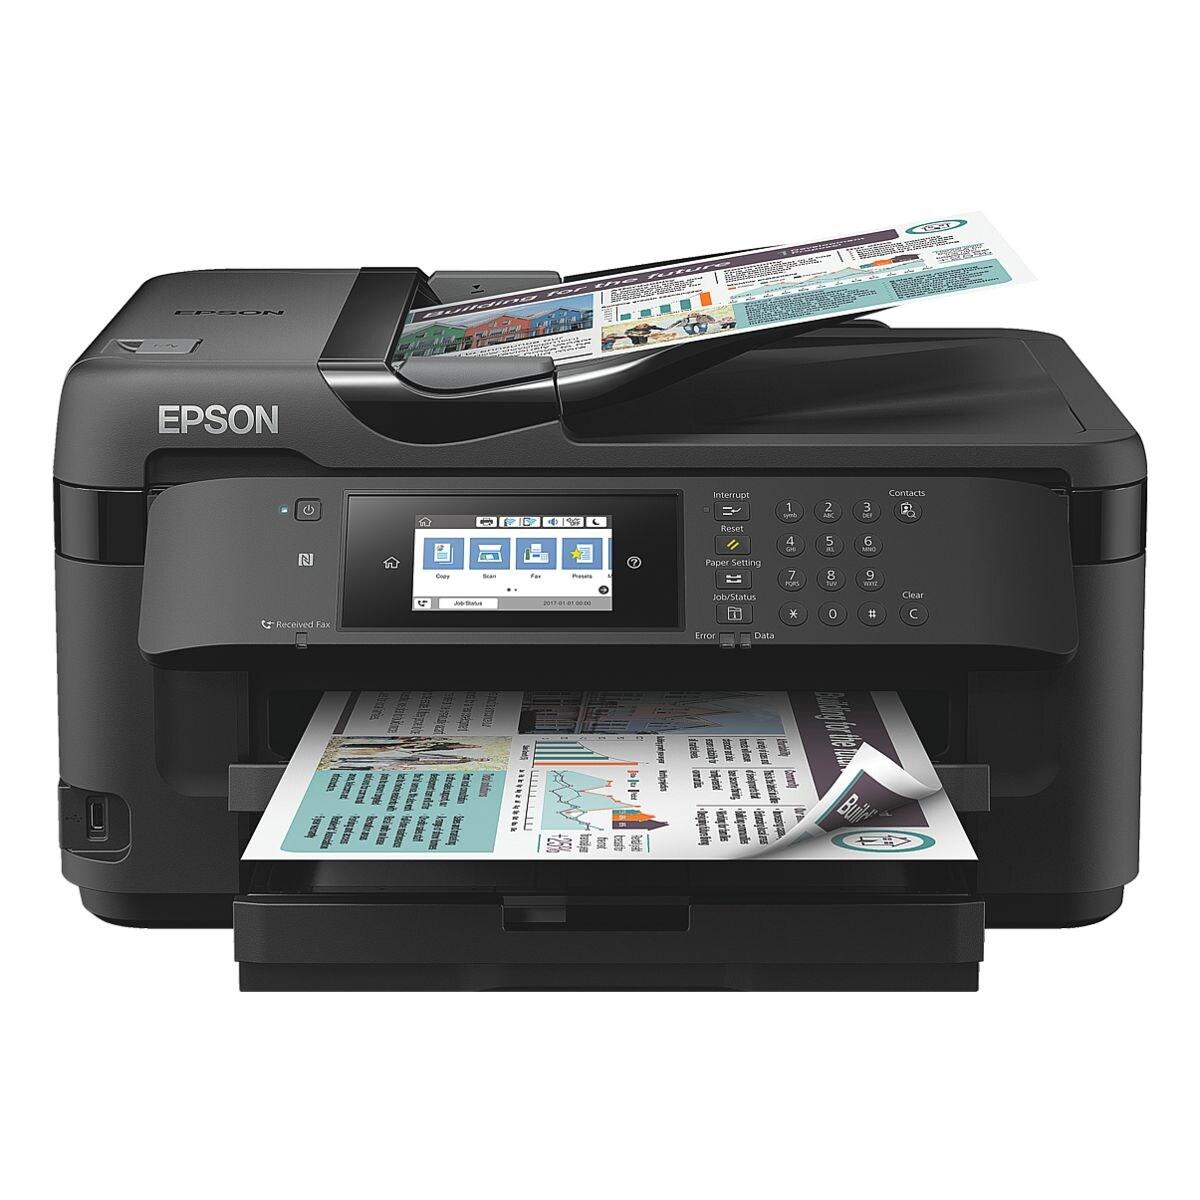 Epson WorkForce WF-7710DWF Multifunktionsdrucker, A3+ Farb-Tintenstrahldrucker, mit WLAN und NFC und LAN